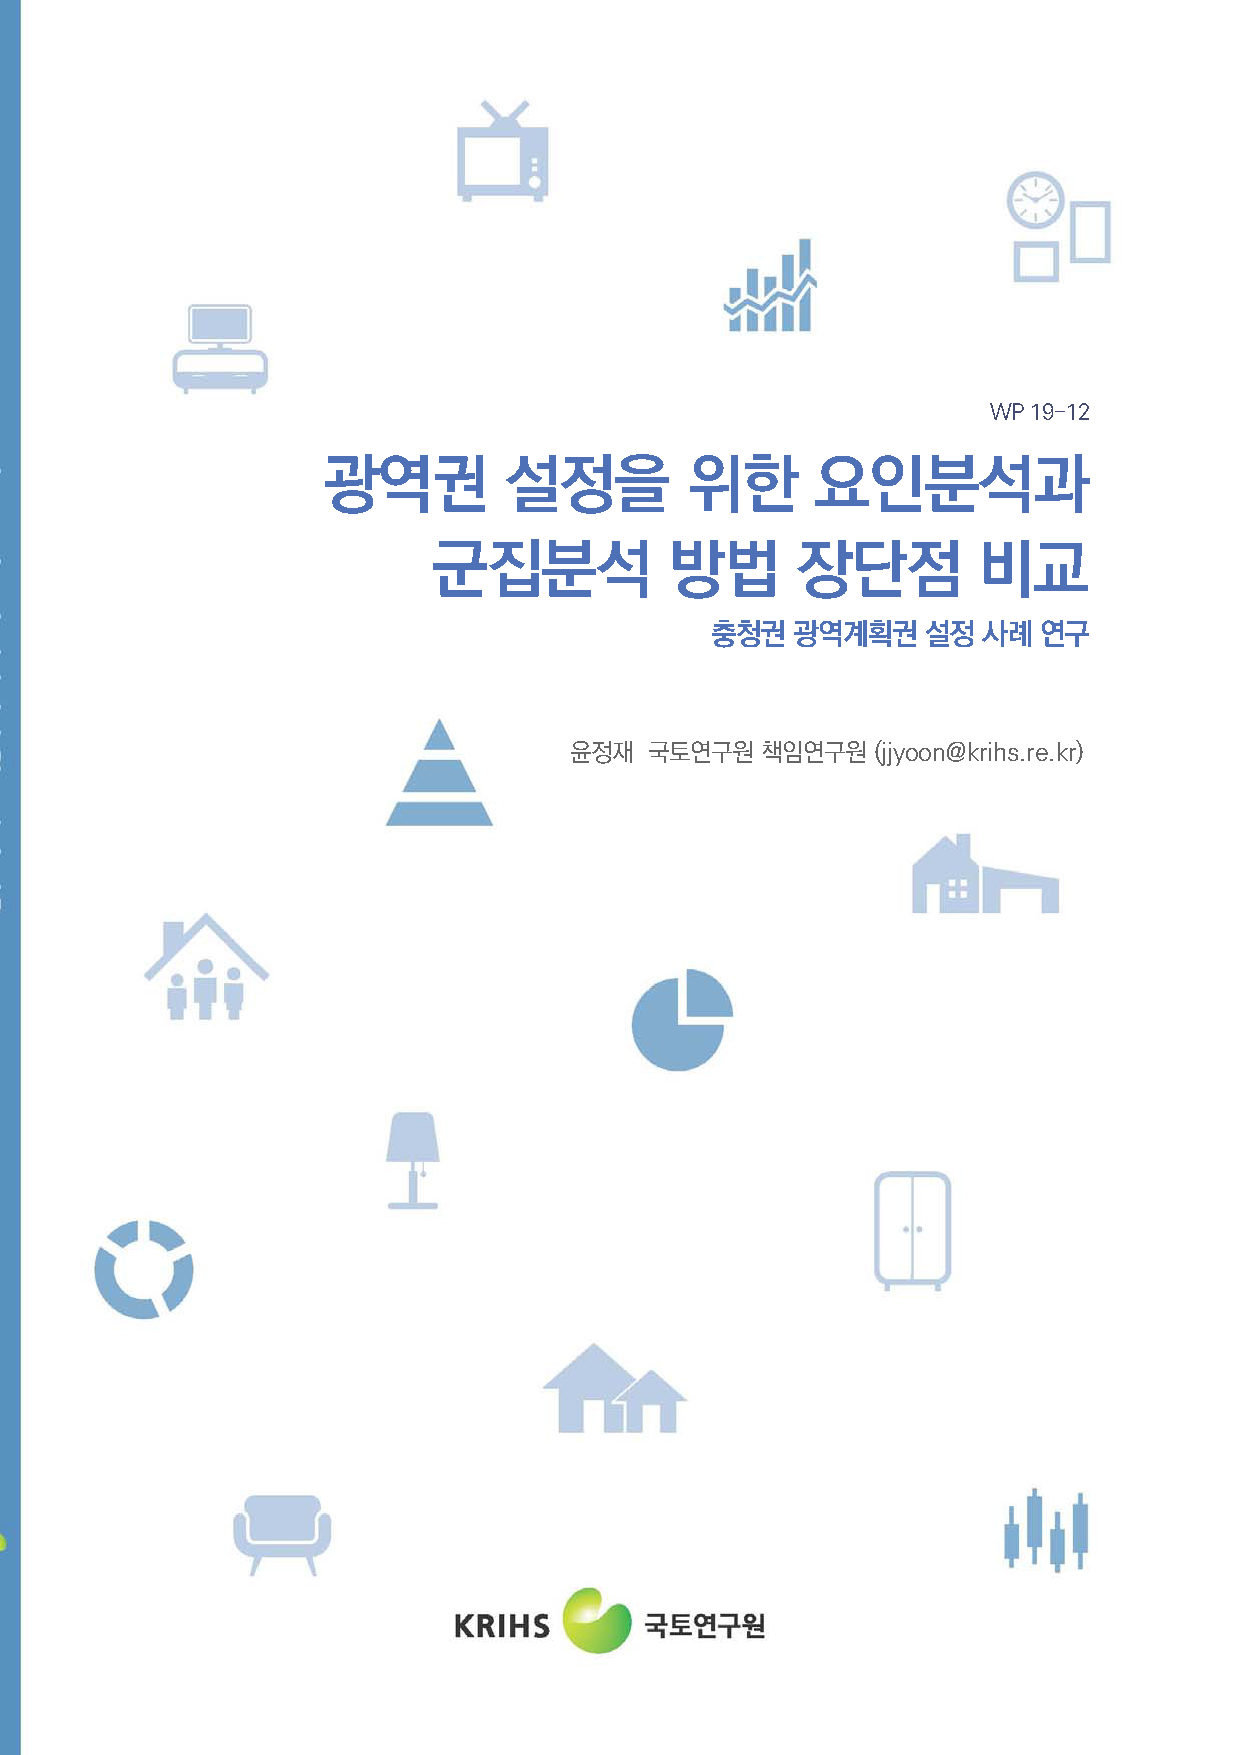 광역권 설정을 위한 요인분석과 군집분석 방법 장단점 비교: 충청권 광역계획권 설정 사례 연구표지